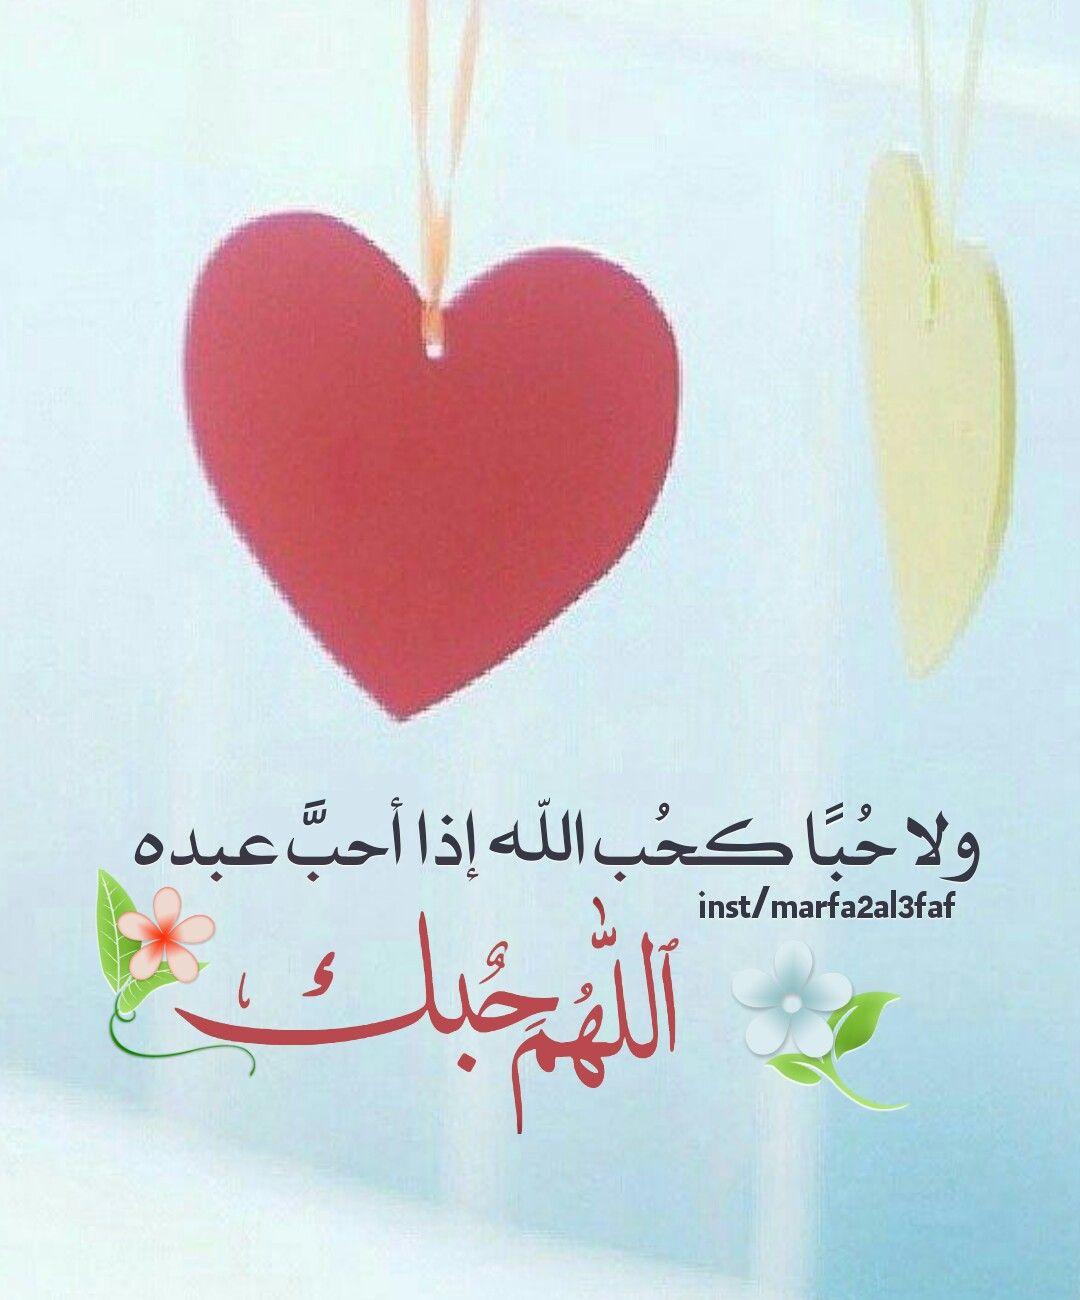 ولا ح ب ا كح ب الله إذا أحب عبده اللهم حبك Allah Calligraphy Arabic Quotes Islam Quran